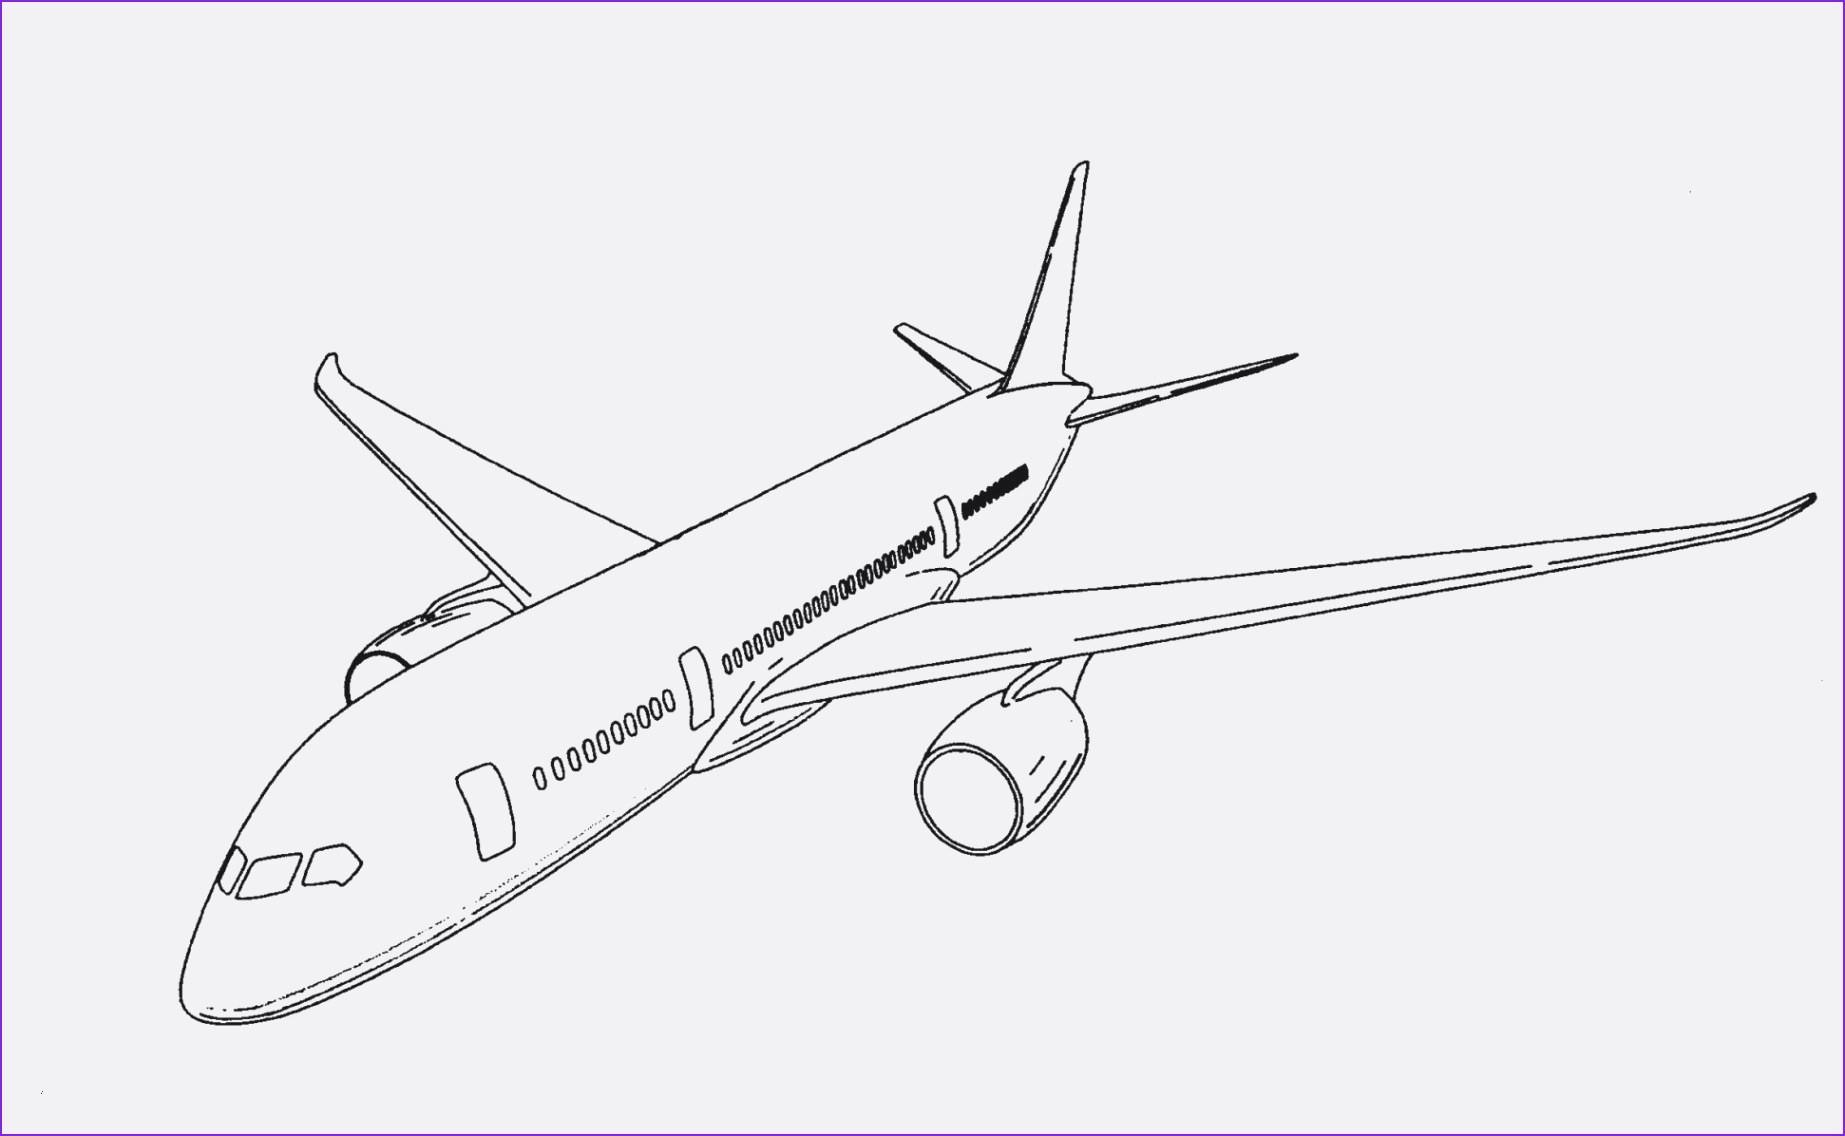 Ich Einfach Unverbesserlich Ausmalbilder Inspirierend Flugzeuge Malbuch Besondere 35 Ich Einfach Unverbesserlich Das Bild